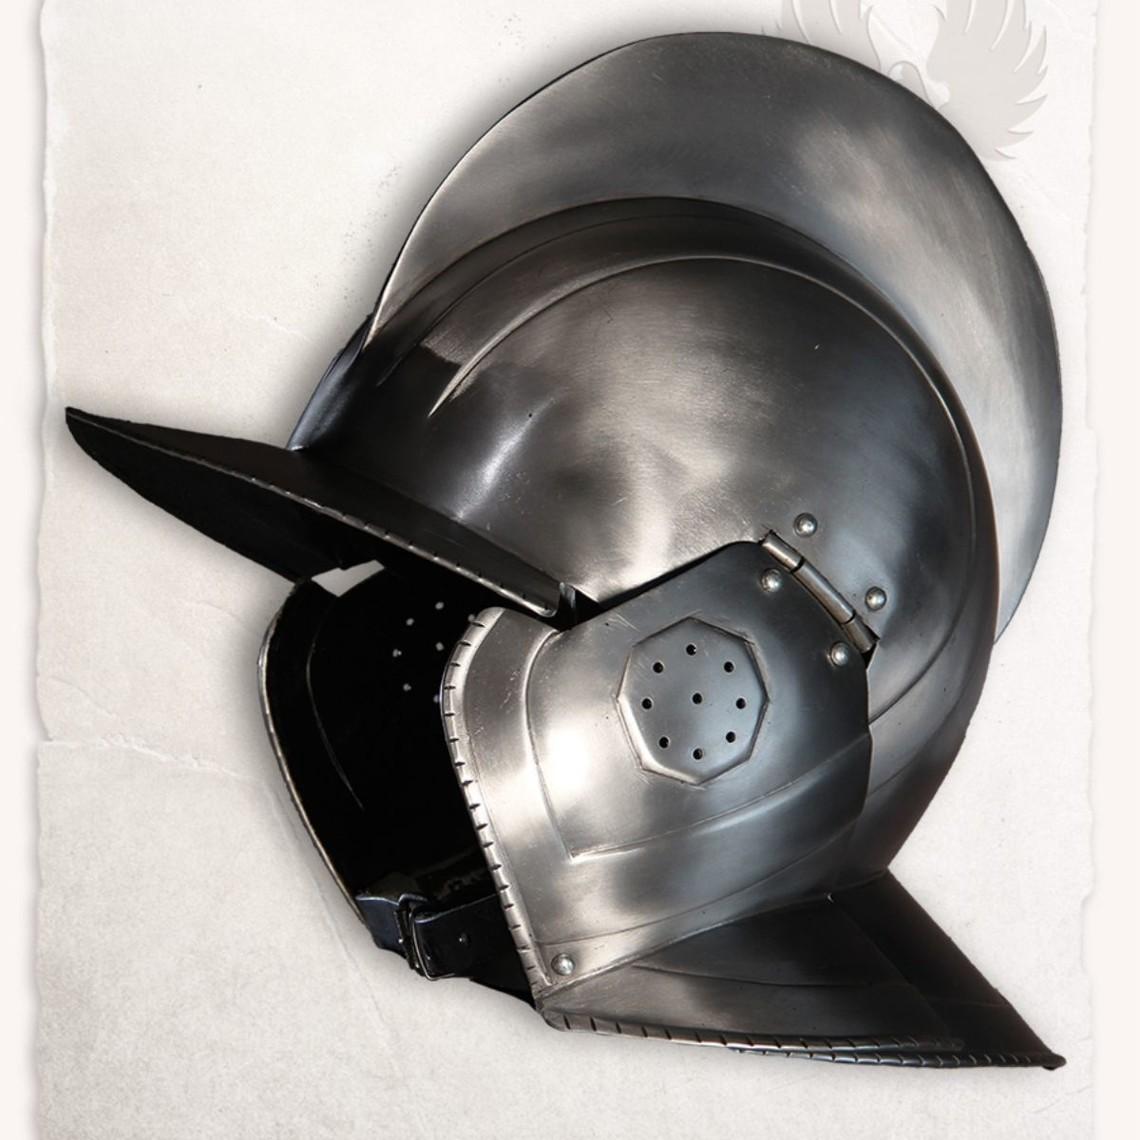 Mytholon Burgonet siglo 17 Kaspar pulido